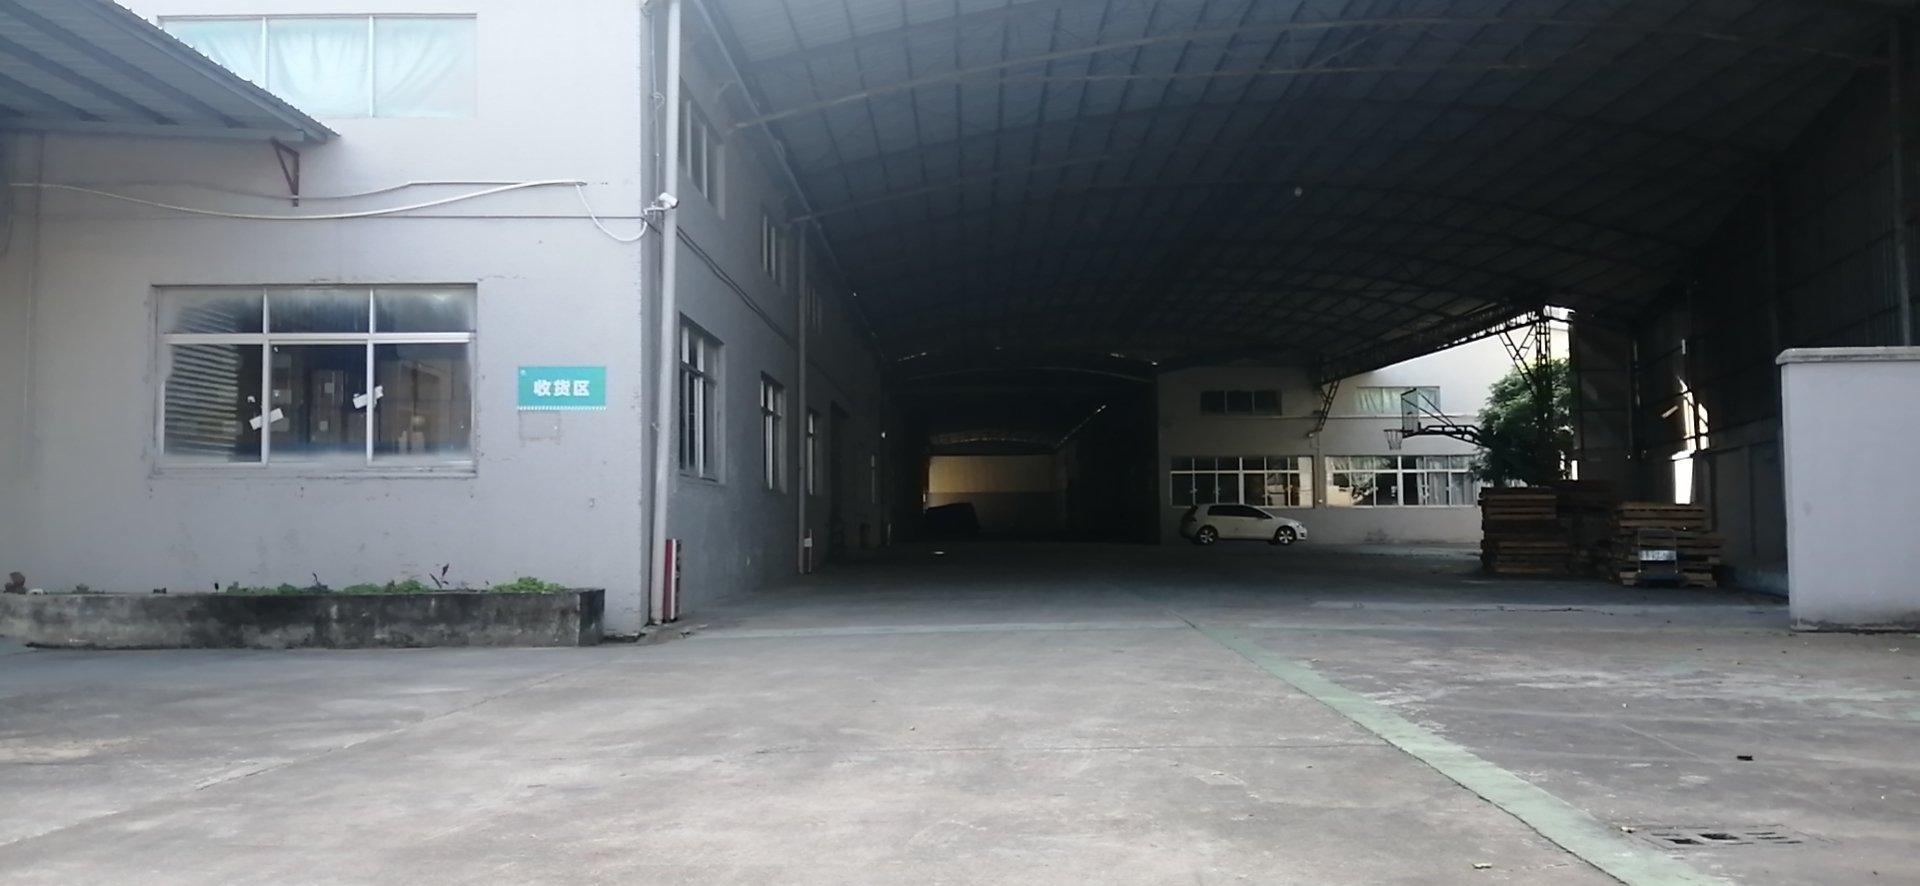 花都区新华镇工业区独门独院砖墙到期单层仓库5000平米出租